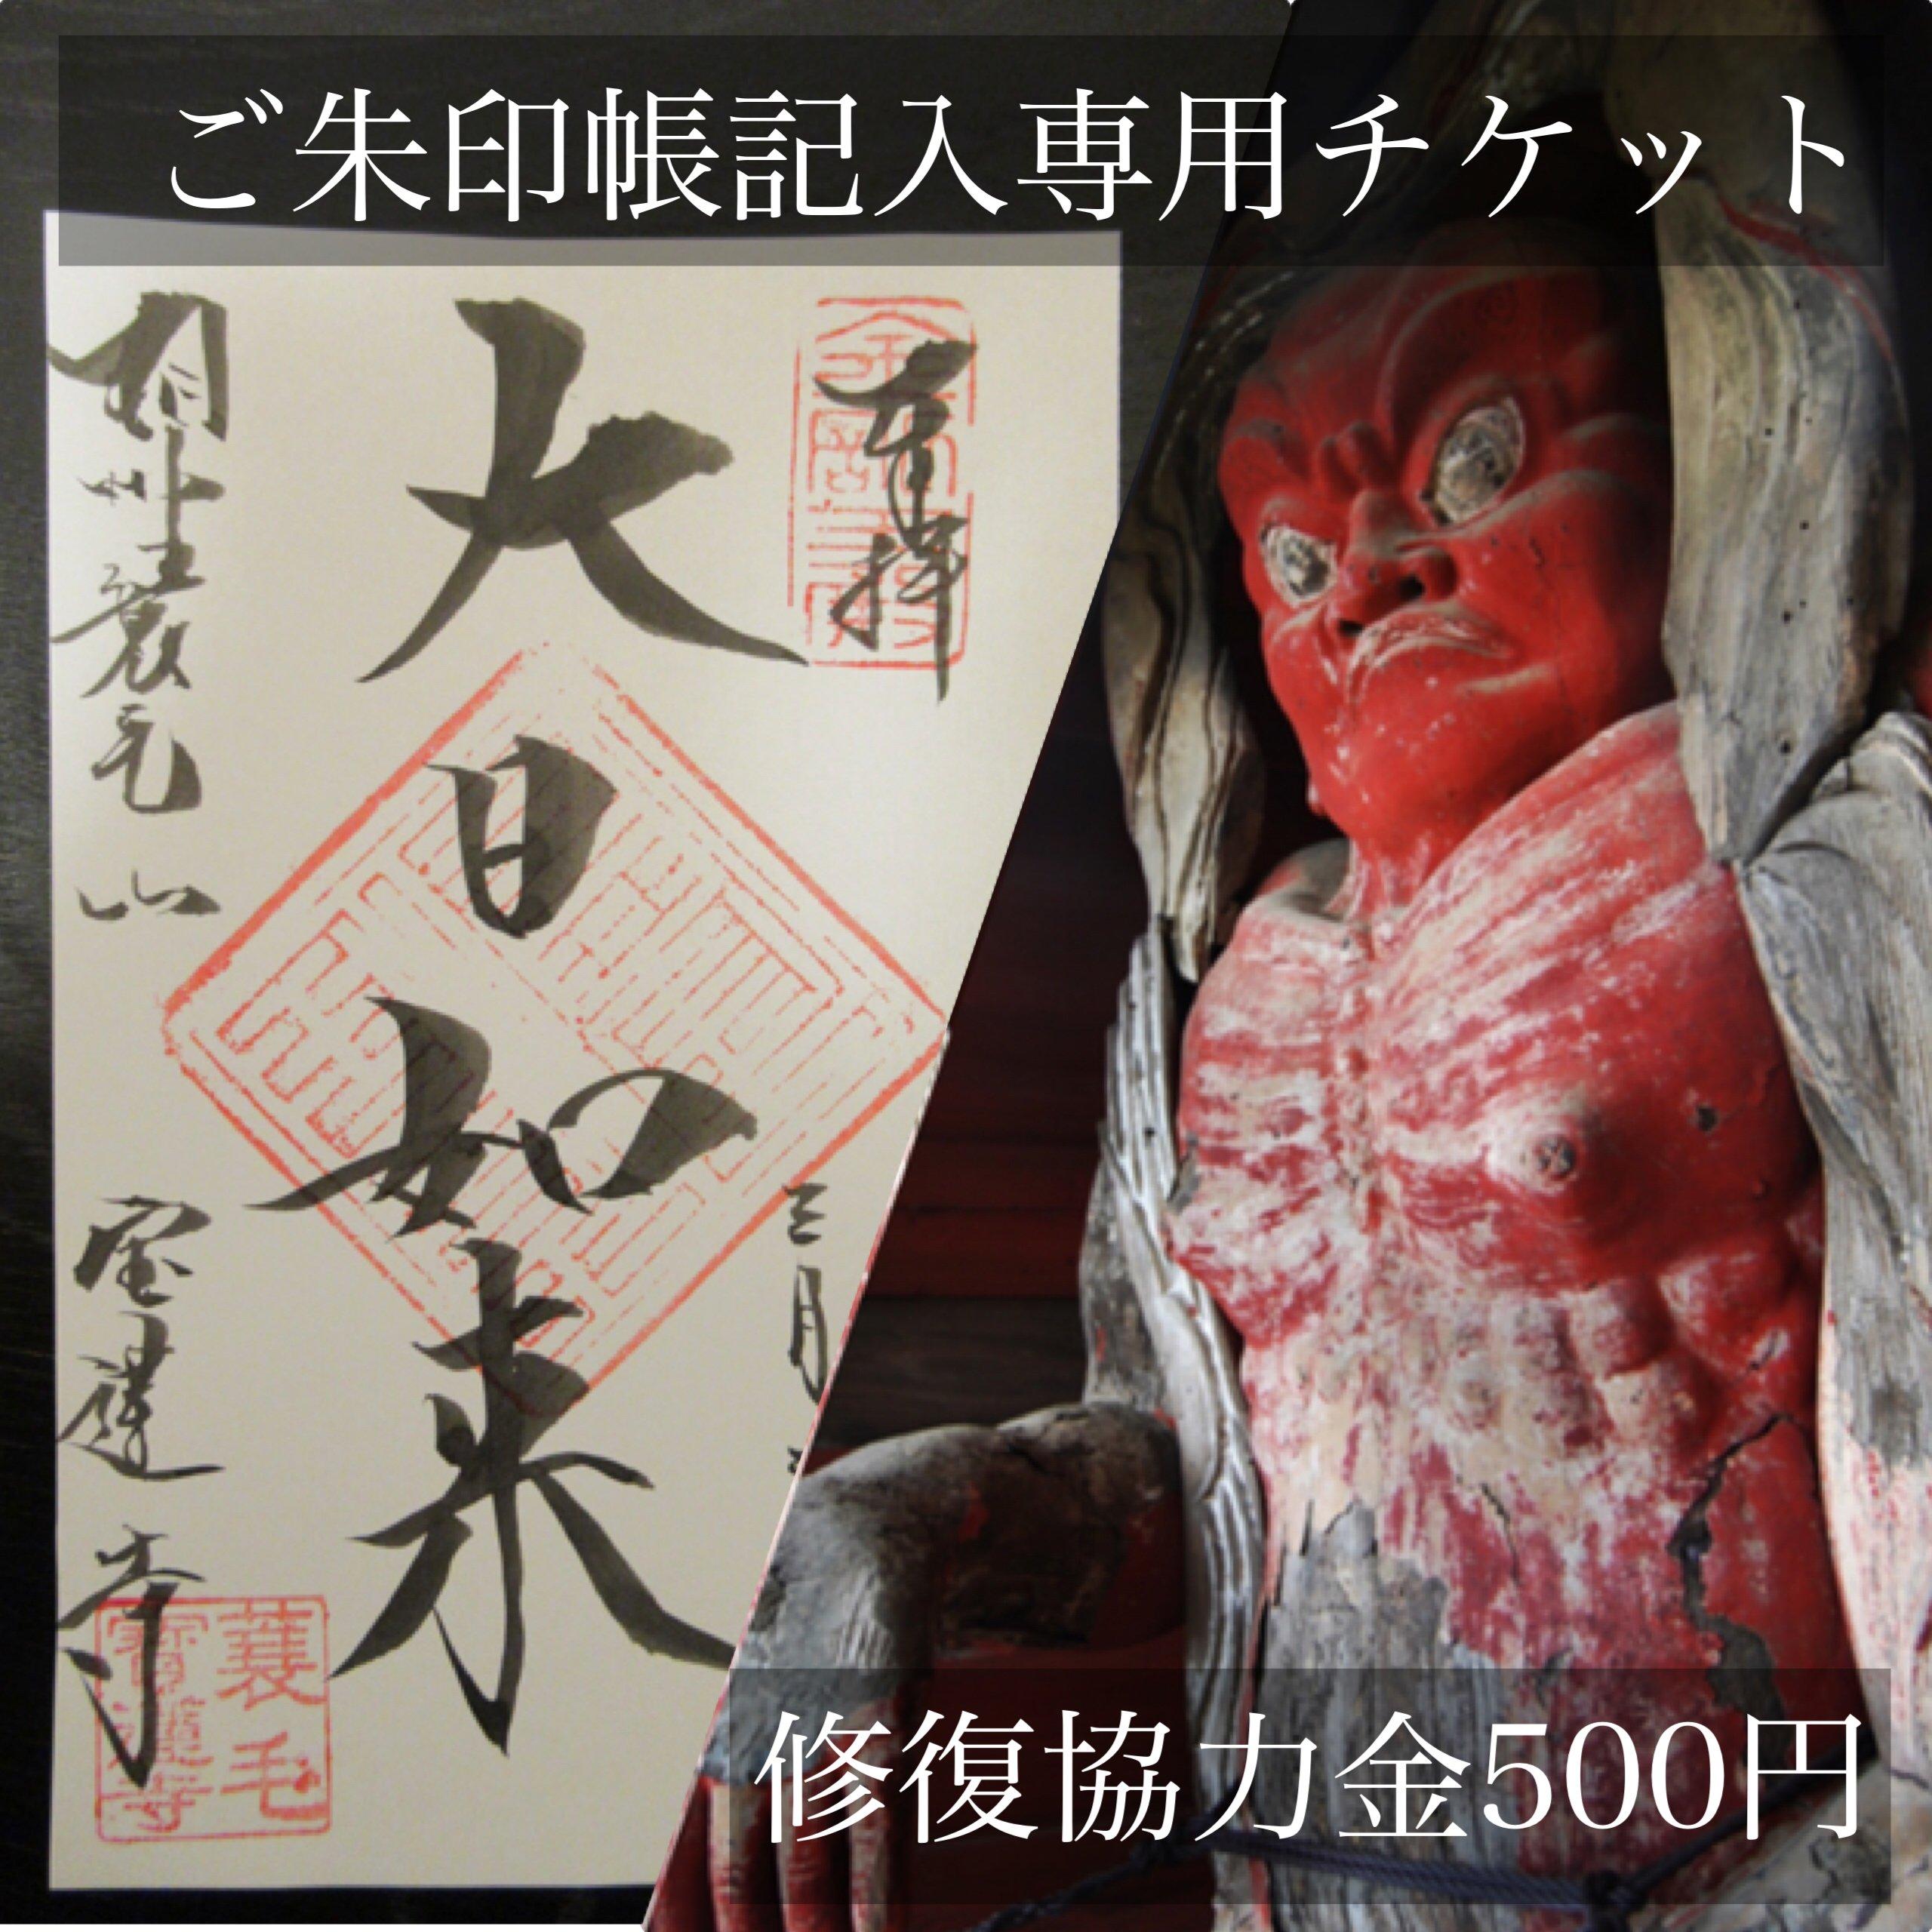 ご朱印帳記入専用チケット500円のイメージその1